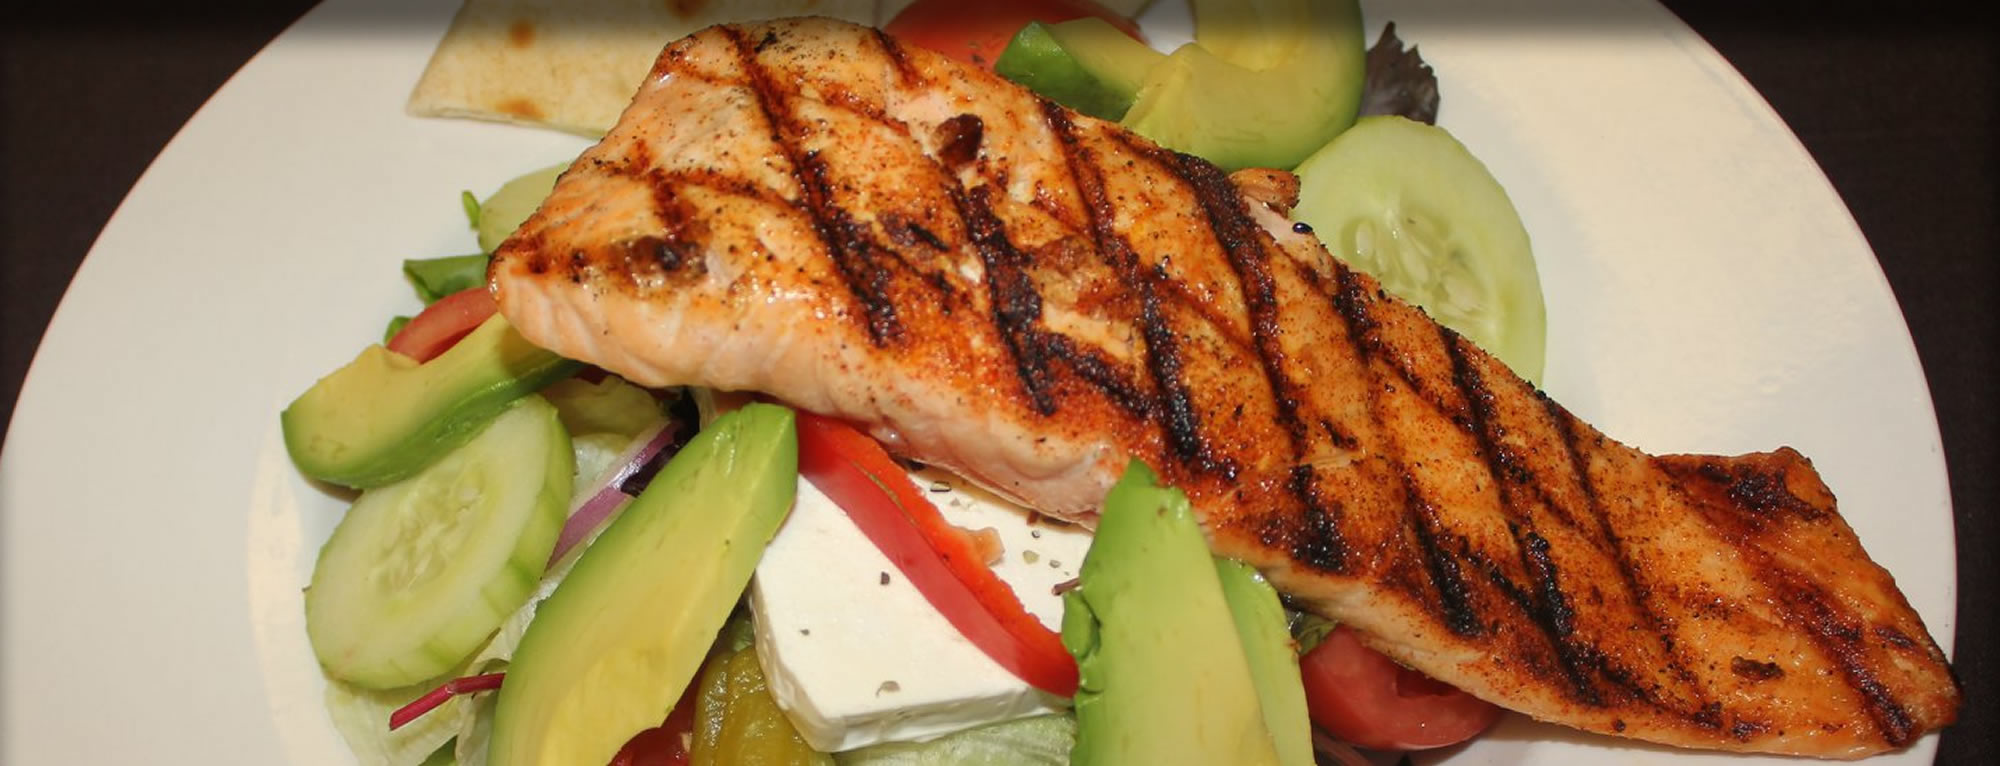 Salmon-Greek-Salad